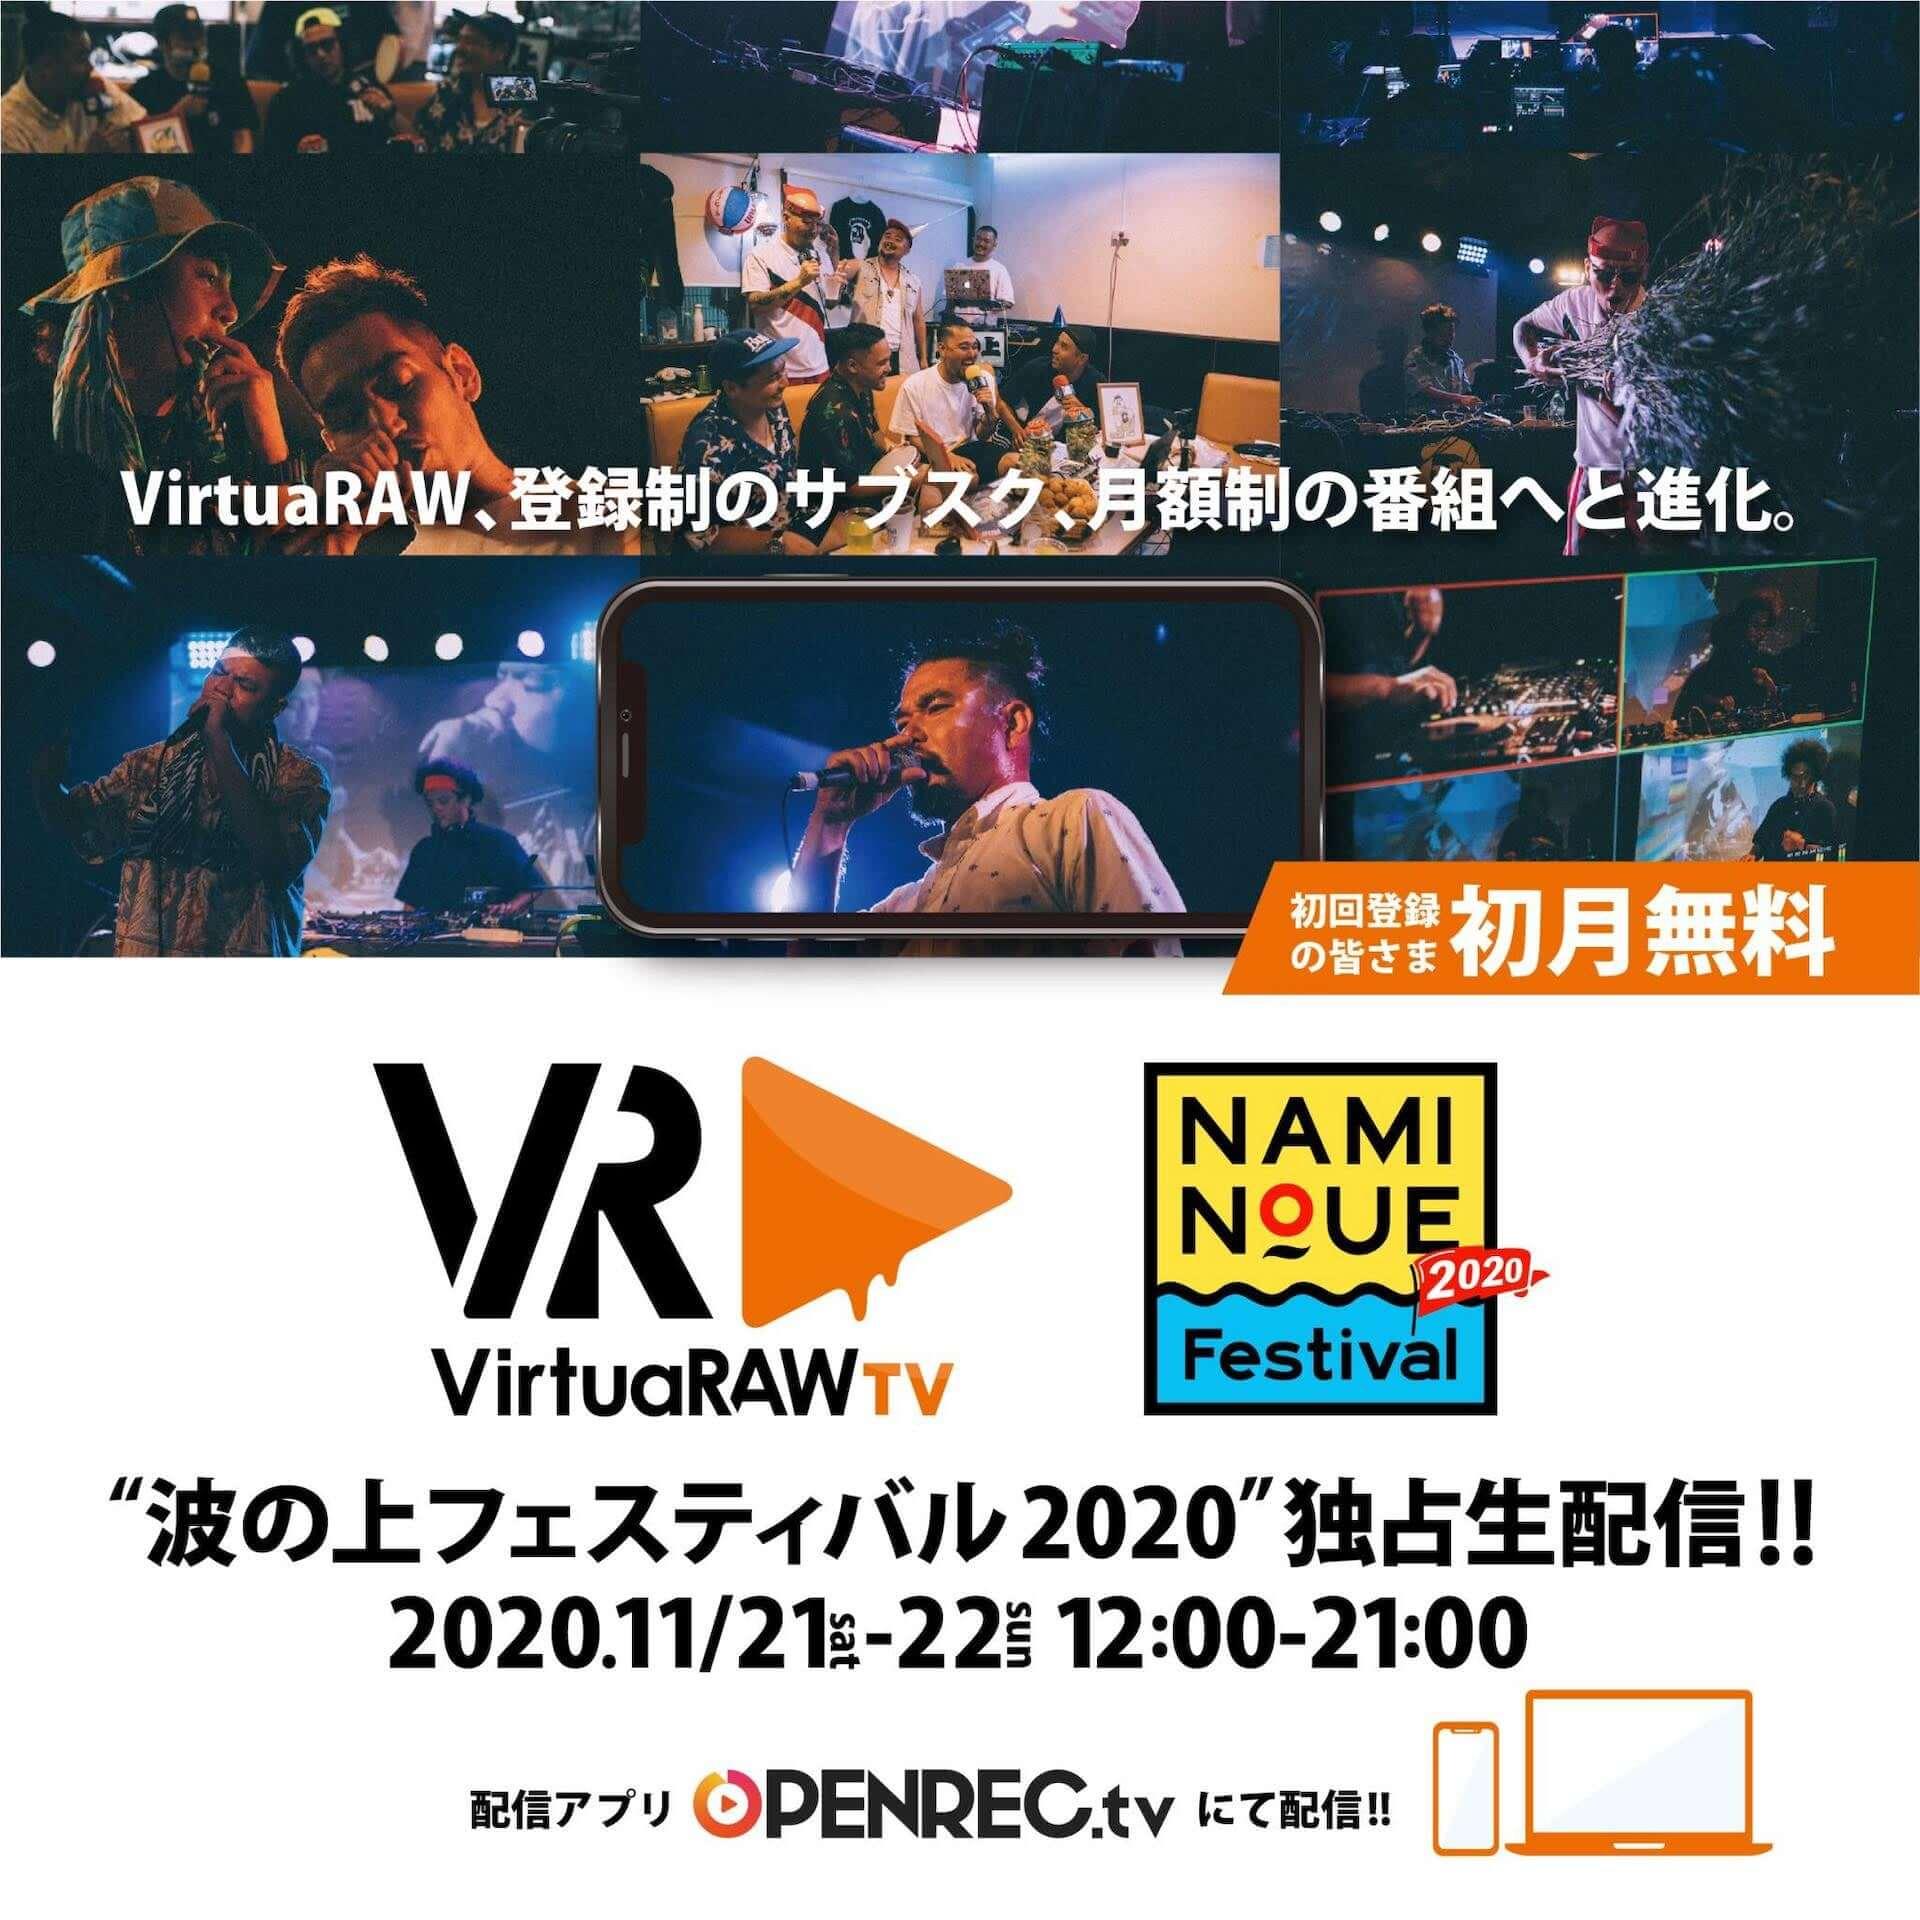 配信イベント<VirtuaRAW>が月額制番組へと移行!GEZAN、KOJOE、RITTOら出演の<波の上フェスティバル2020>が独占生配信決定 music201117_virtuaraw_8-1920x1920